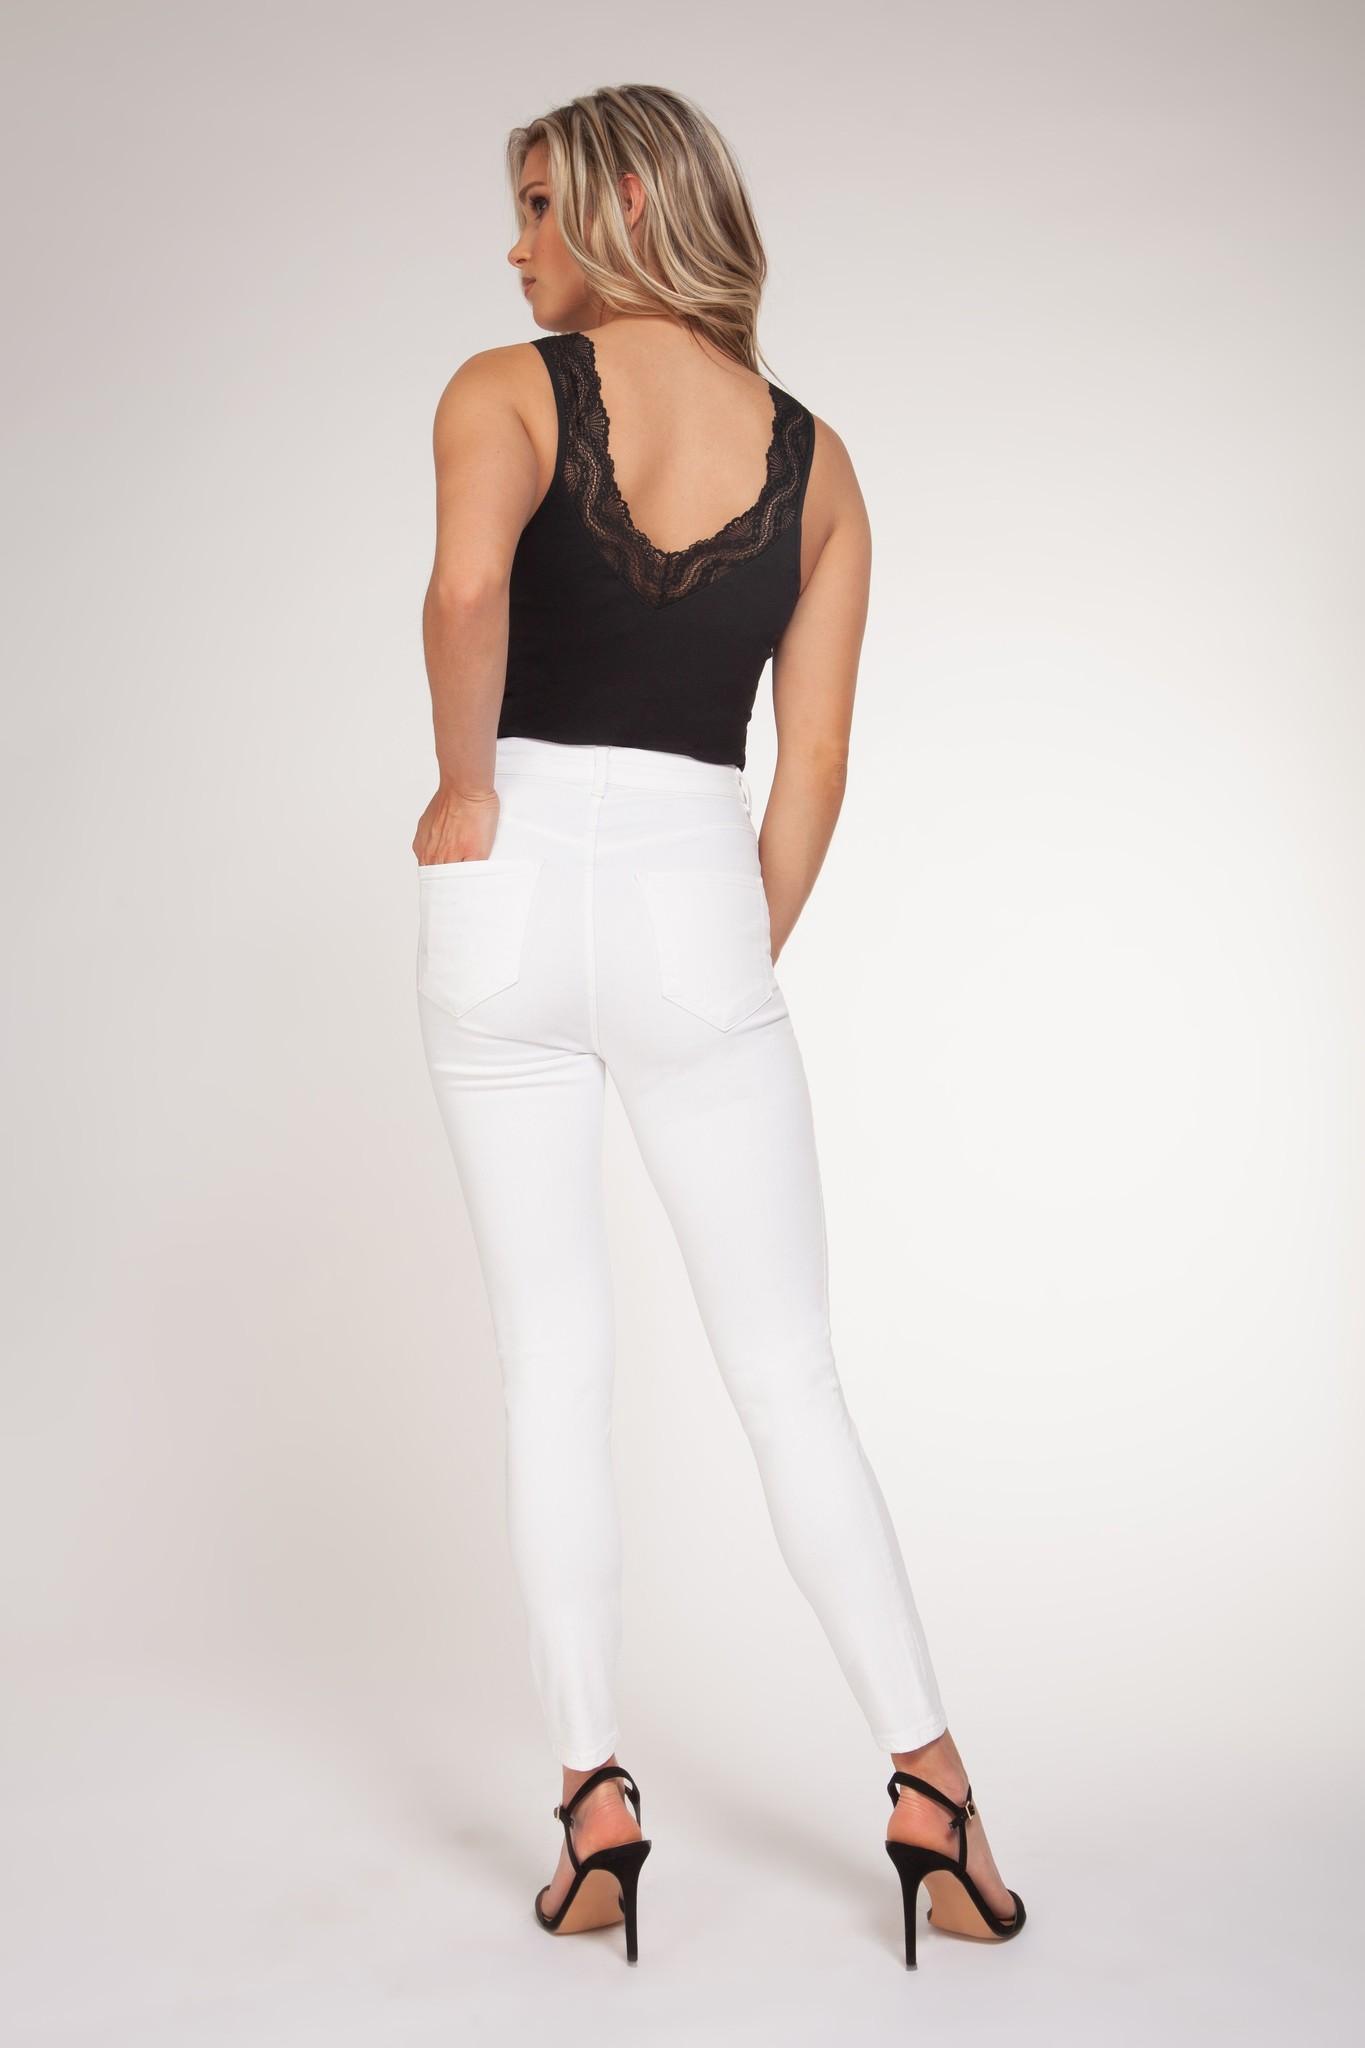 Lace Trim Bodysuit BLK-2